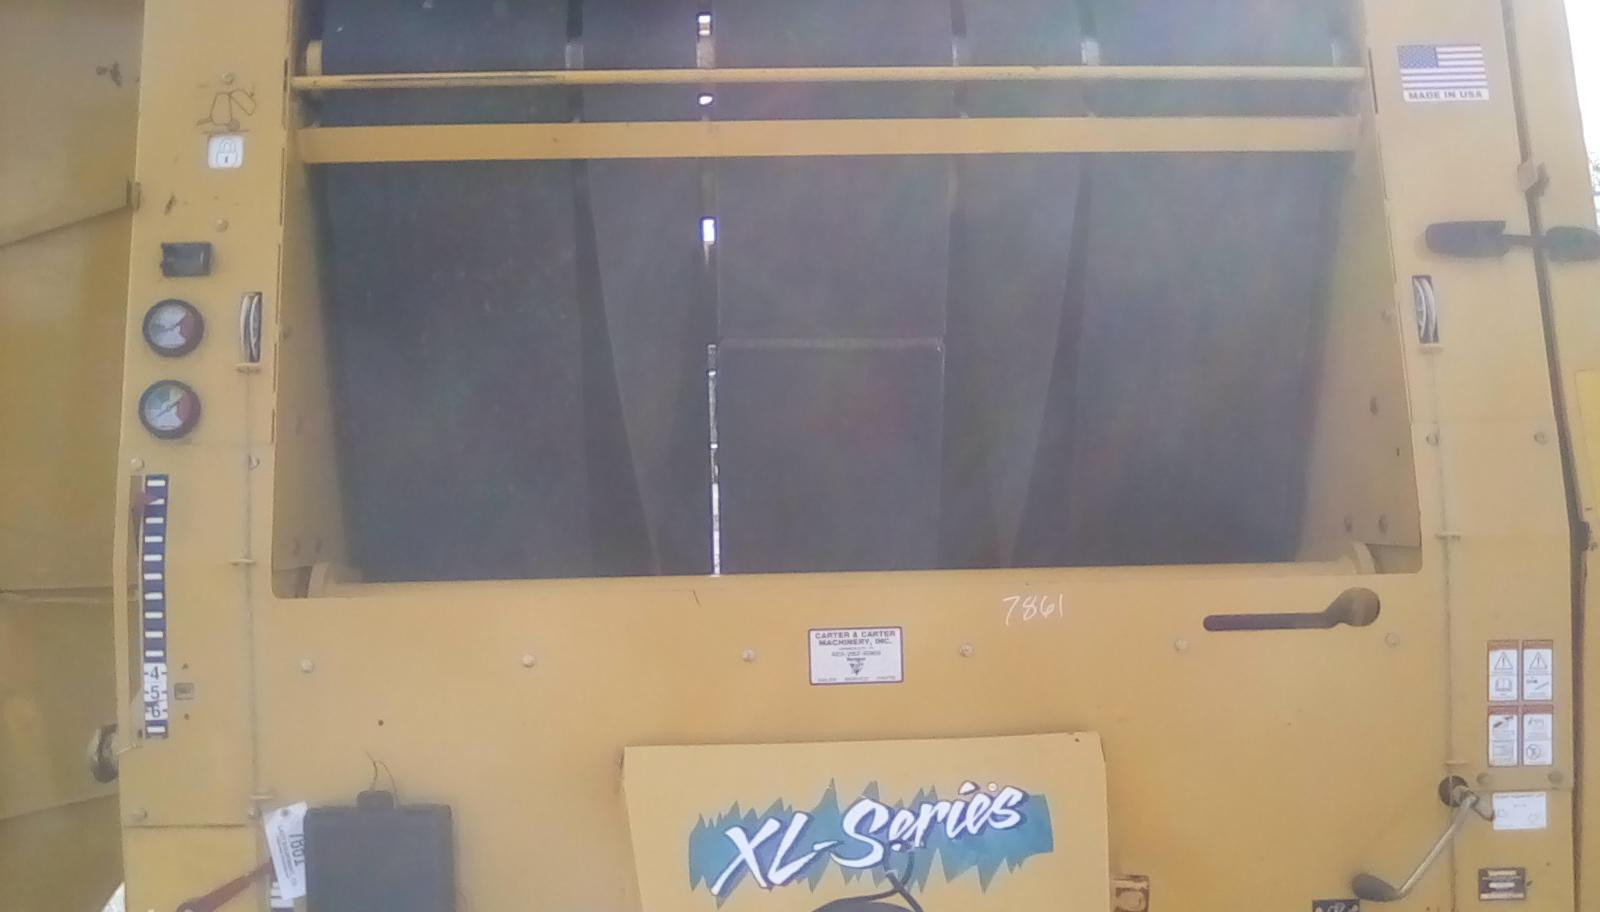 VERMEER 605 XL SERIES BALER Image